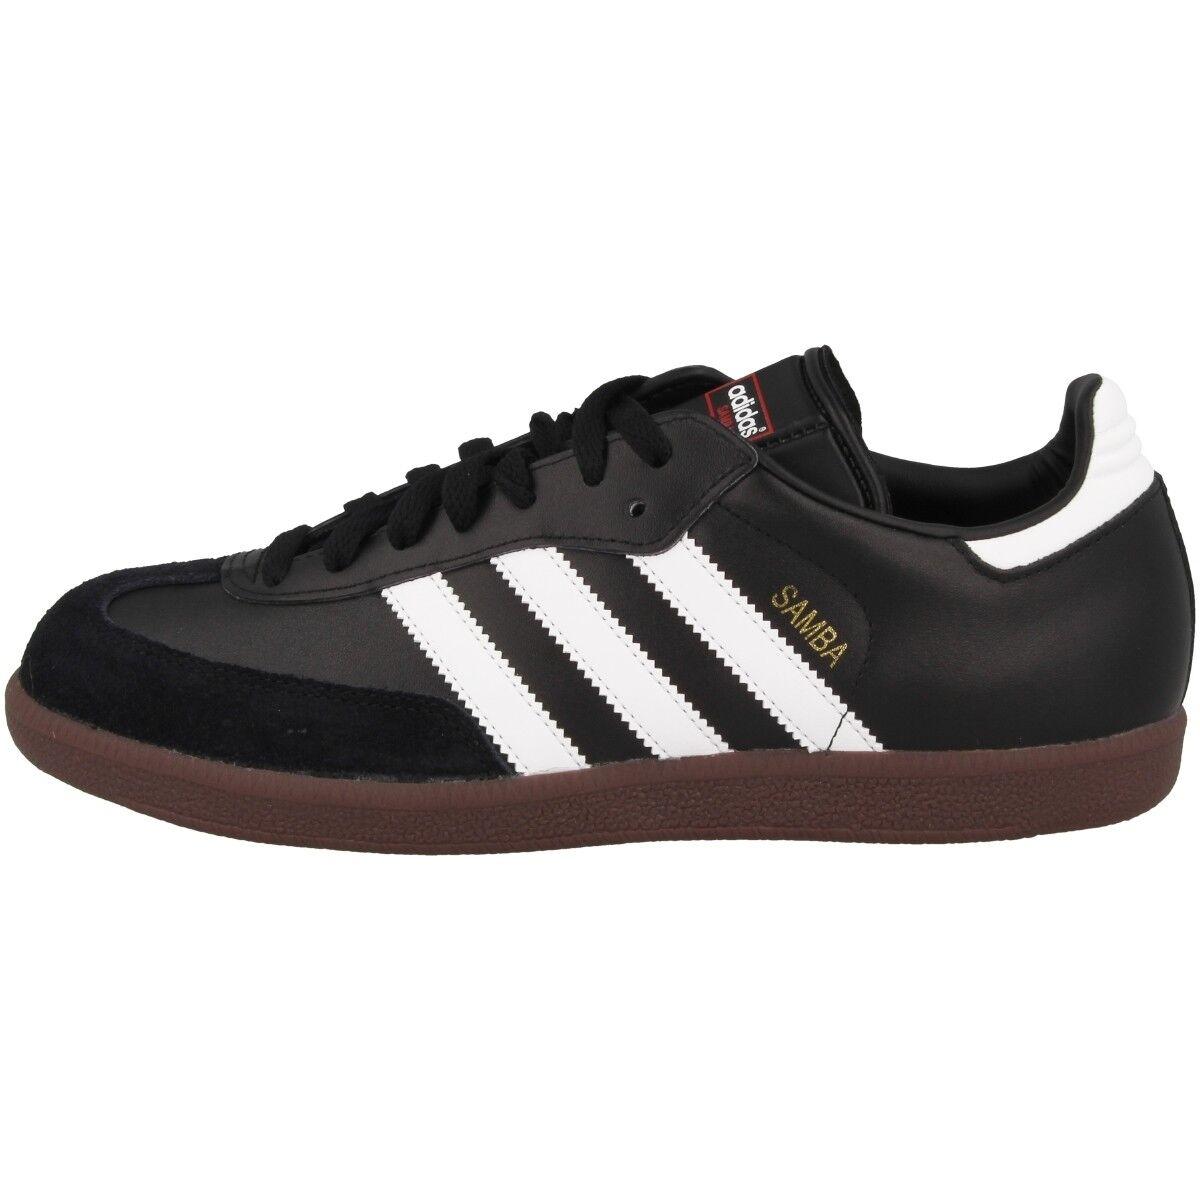 Adidas Samba Classic Schuhe Sneaker schwarz 019000 Klassiker Indoor Hallenschuhe